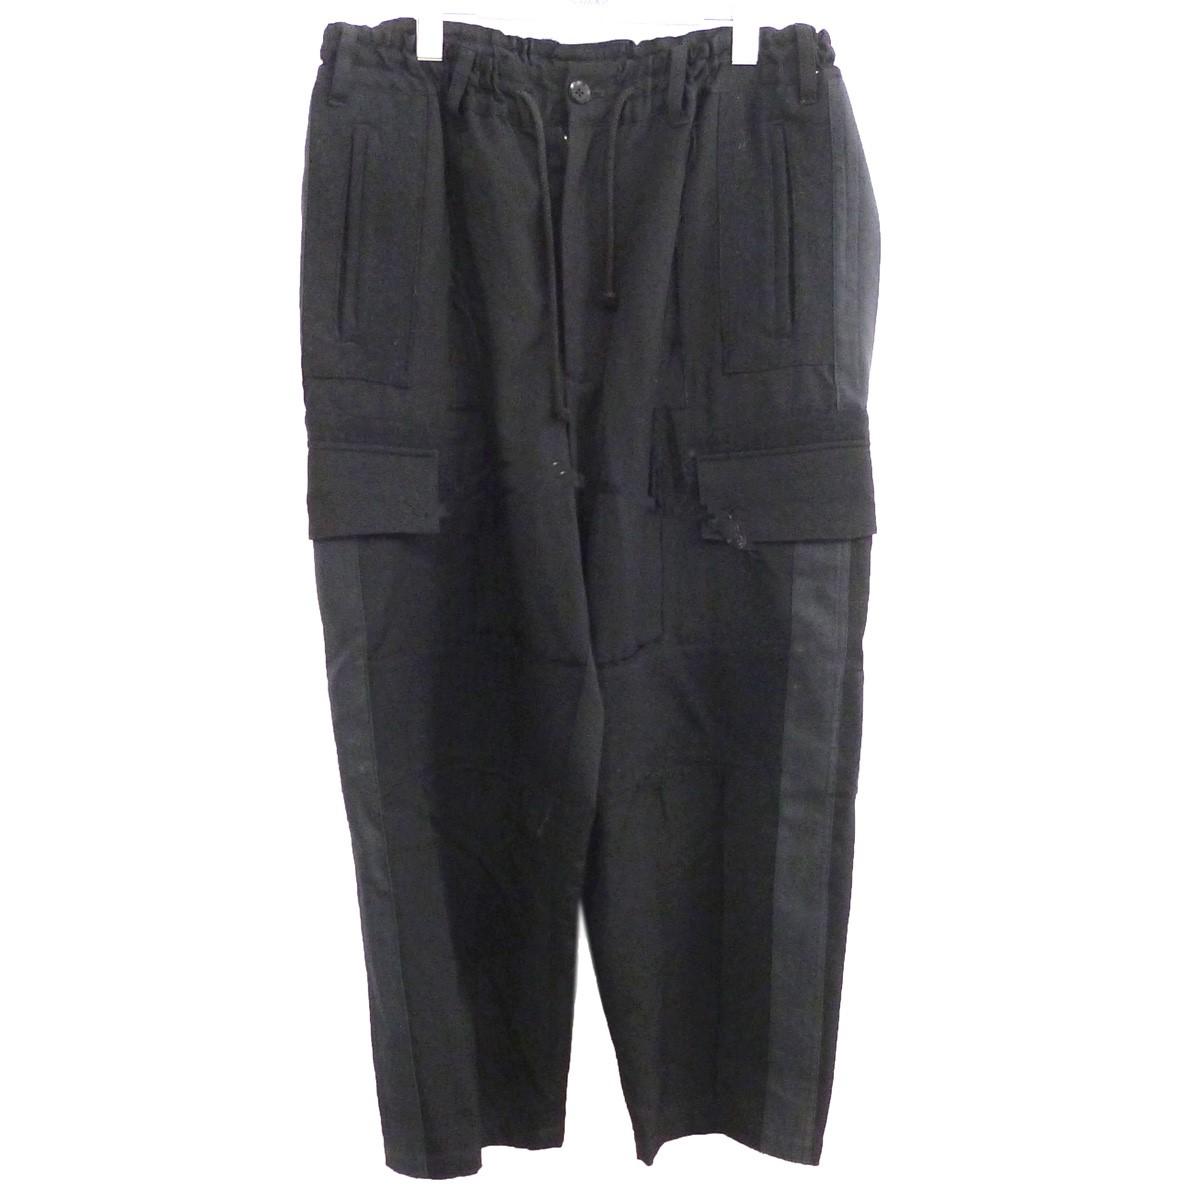 【中古】YOHJI YAMAMOTO pour homme 15AW 再構築カーゴパンツ ブラック サイズ:2 【210720】(ヨウジヤマモトプールオム)